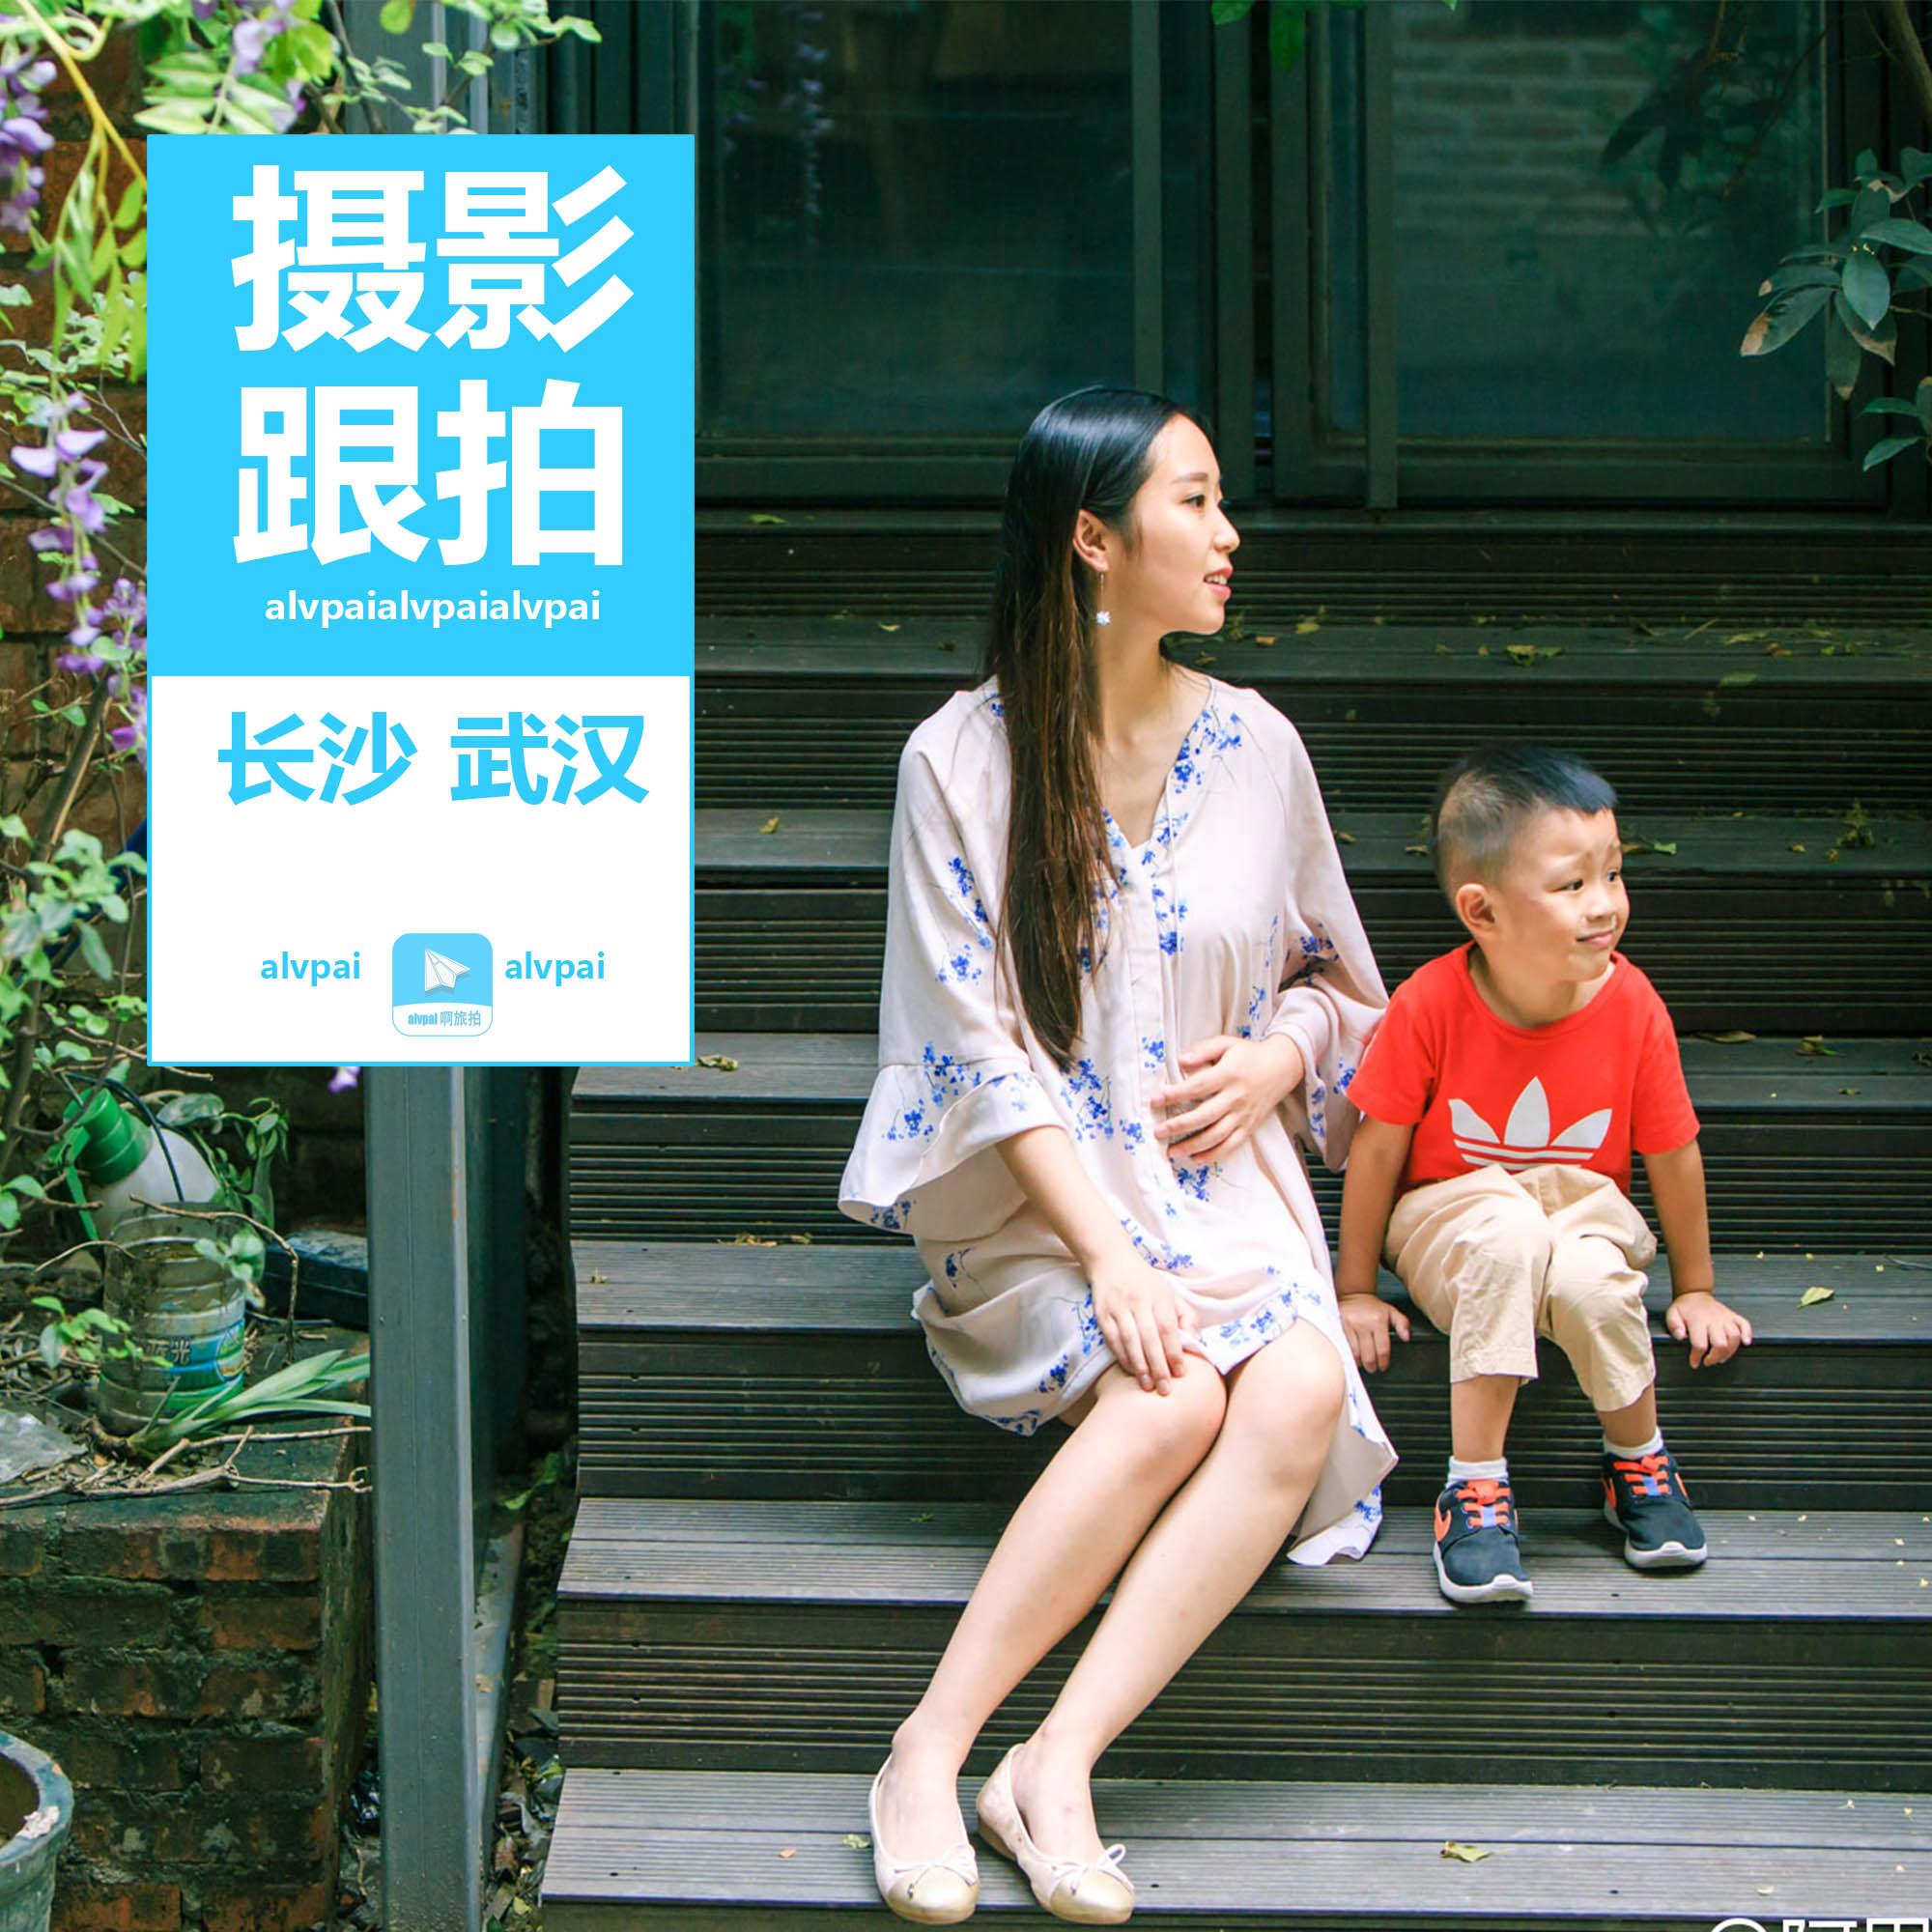 长沙天津济南武汉合肥小视频mv跟拍亲子照写真情侣闺蜜旅拍全家福